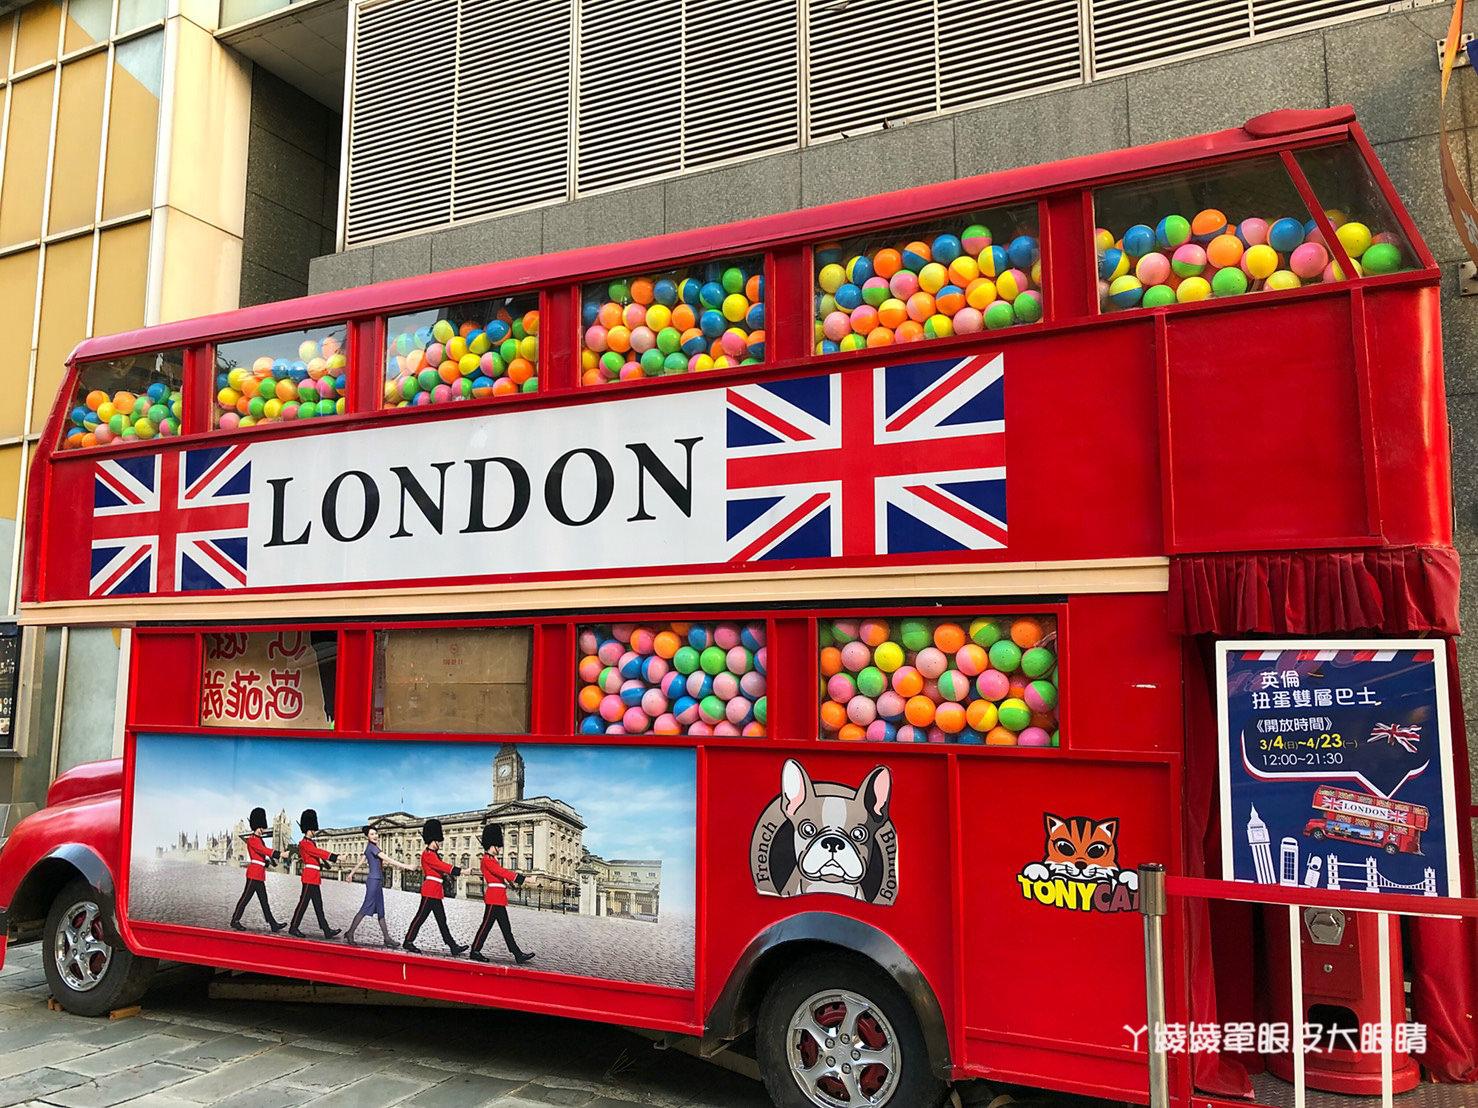 超大巨型扭蛋機來新竹大遠百囉!雙層扭蛋巴士帶你一秒飛英國倫敦